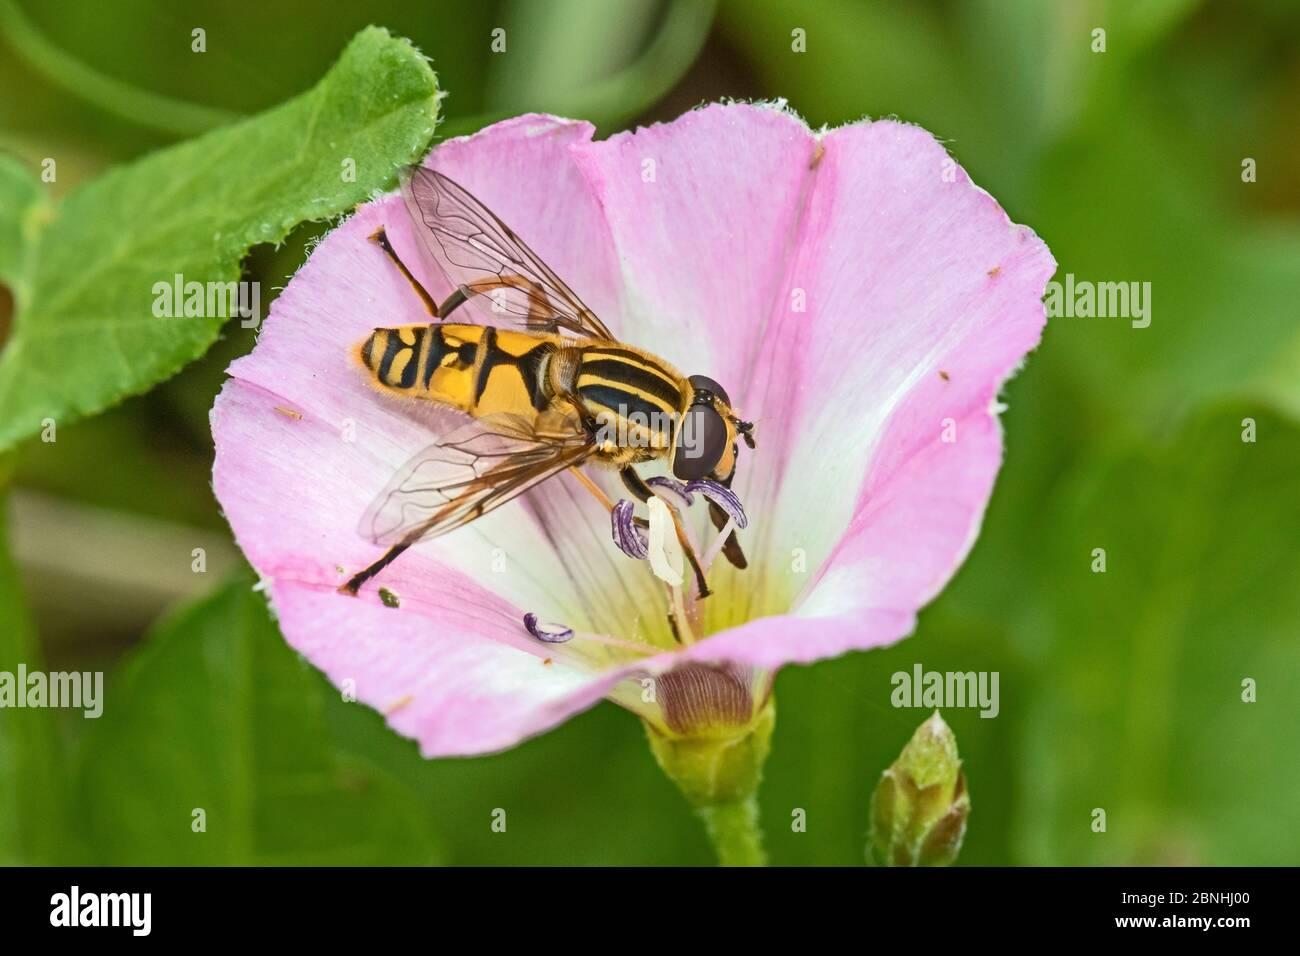 La mouche d'Hoversfly (Helophilus pendulus) se nourrissant de la bindweed de Field (Convolvulus arvensis) Cimetière Brockley, Lewisham, Londres, Royaume-Uni août Banque D'Images